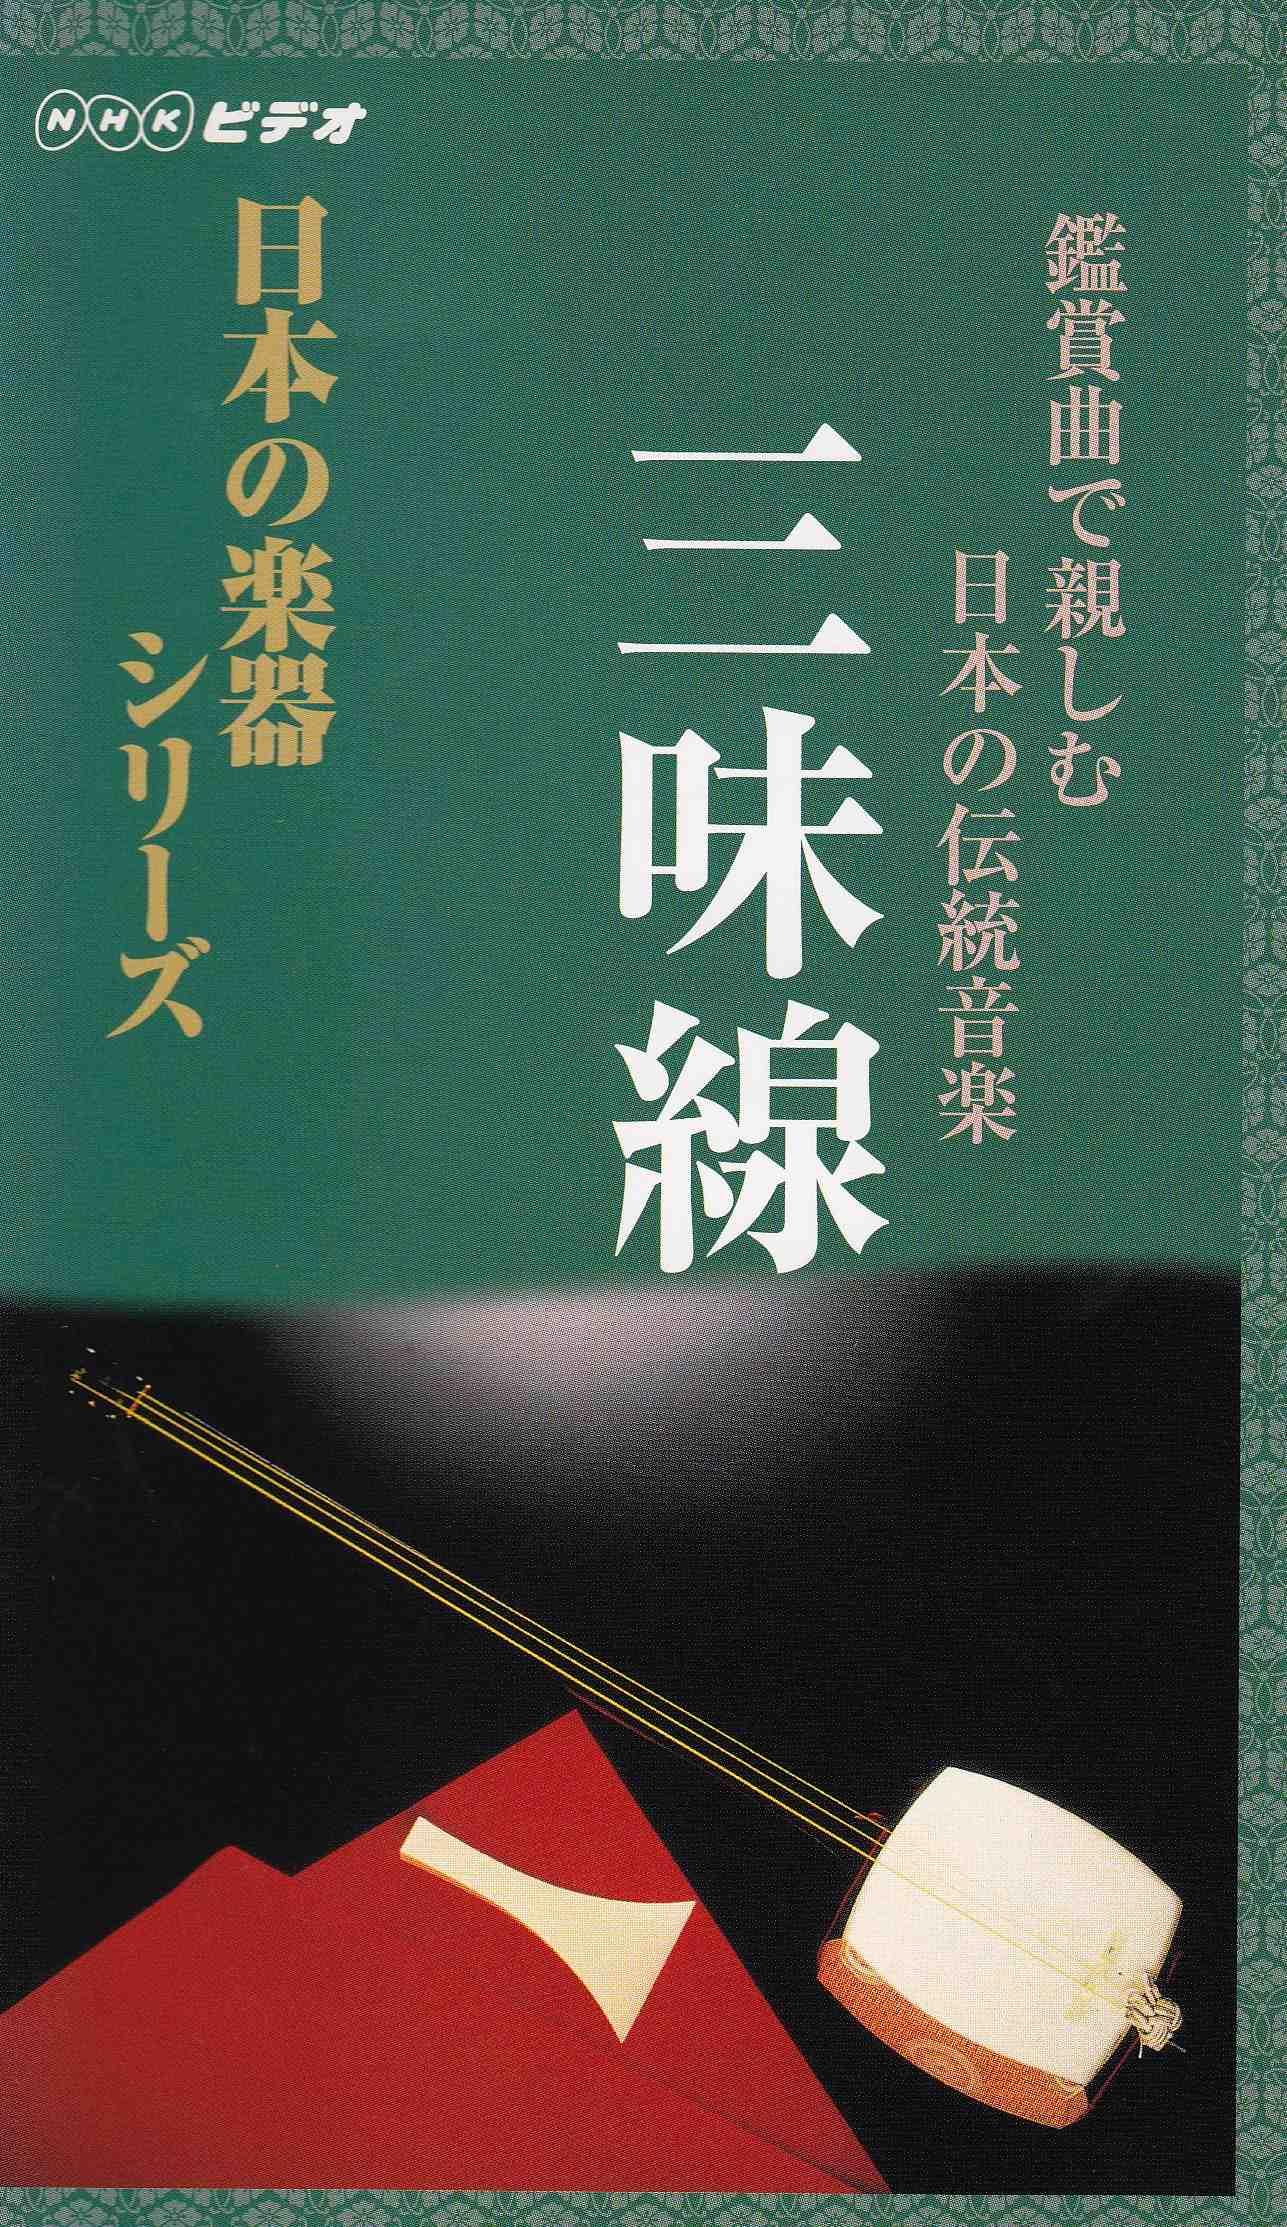 【セール品】ビデオ 日本の楽器シリーズ 三味線[4050]